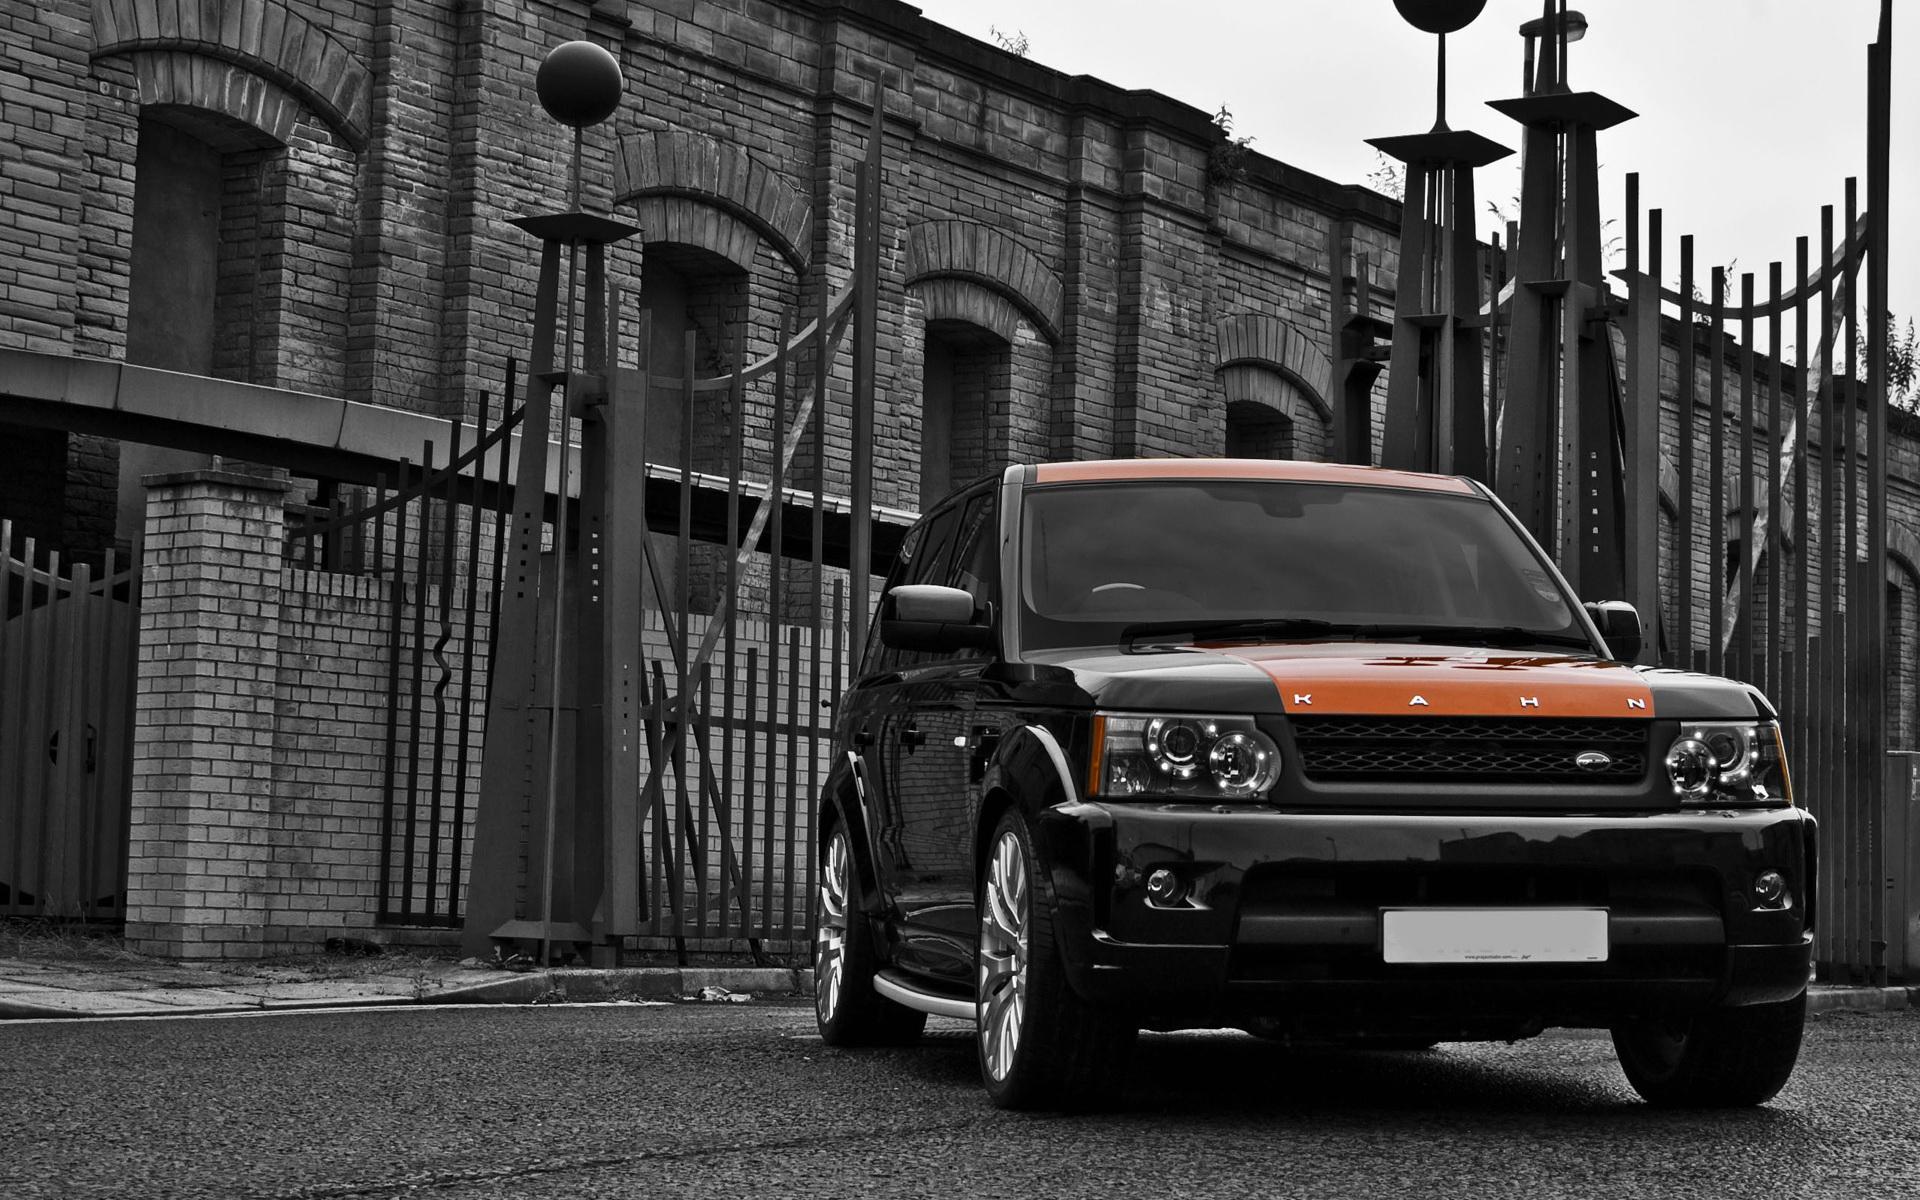 壁纸1920×12002010 路虎揽胜 Project Kahn Range Rover Sport Vesuvius Edition 壁纸2壁纸 2010路虎揽胜壁纸图片汽车壁纸汽车图片素材桌面壁纸